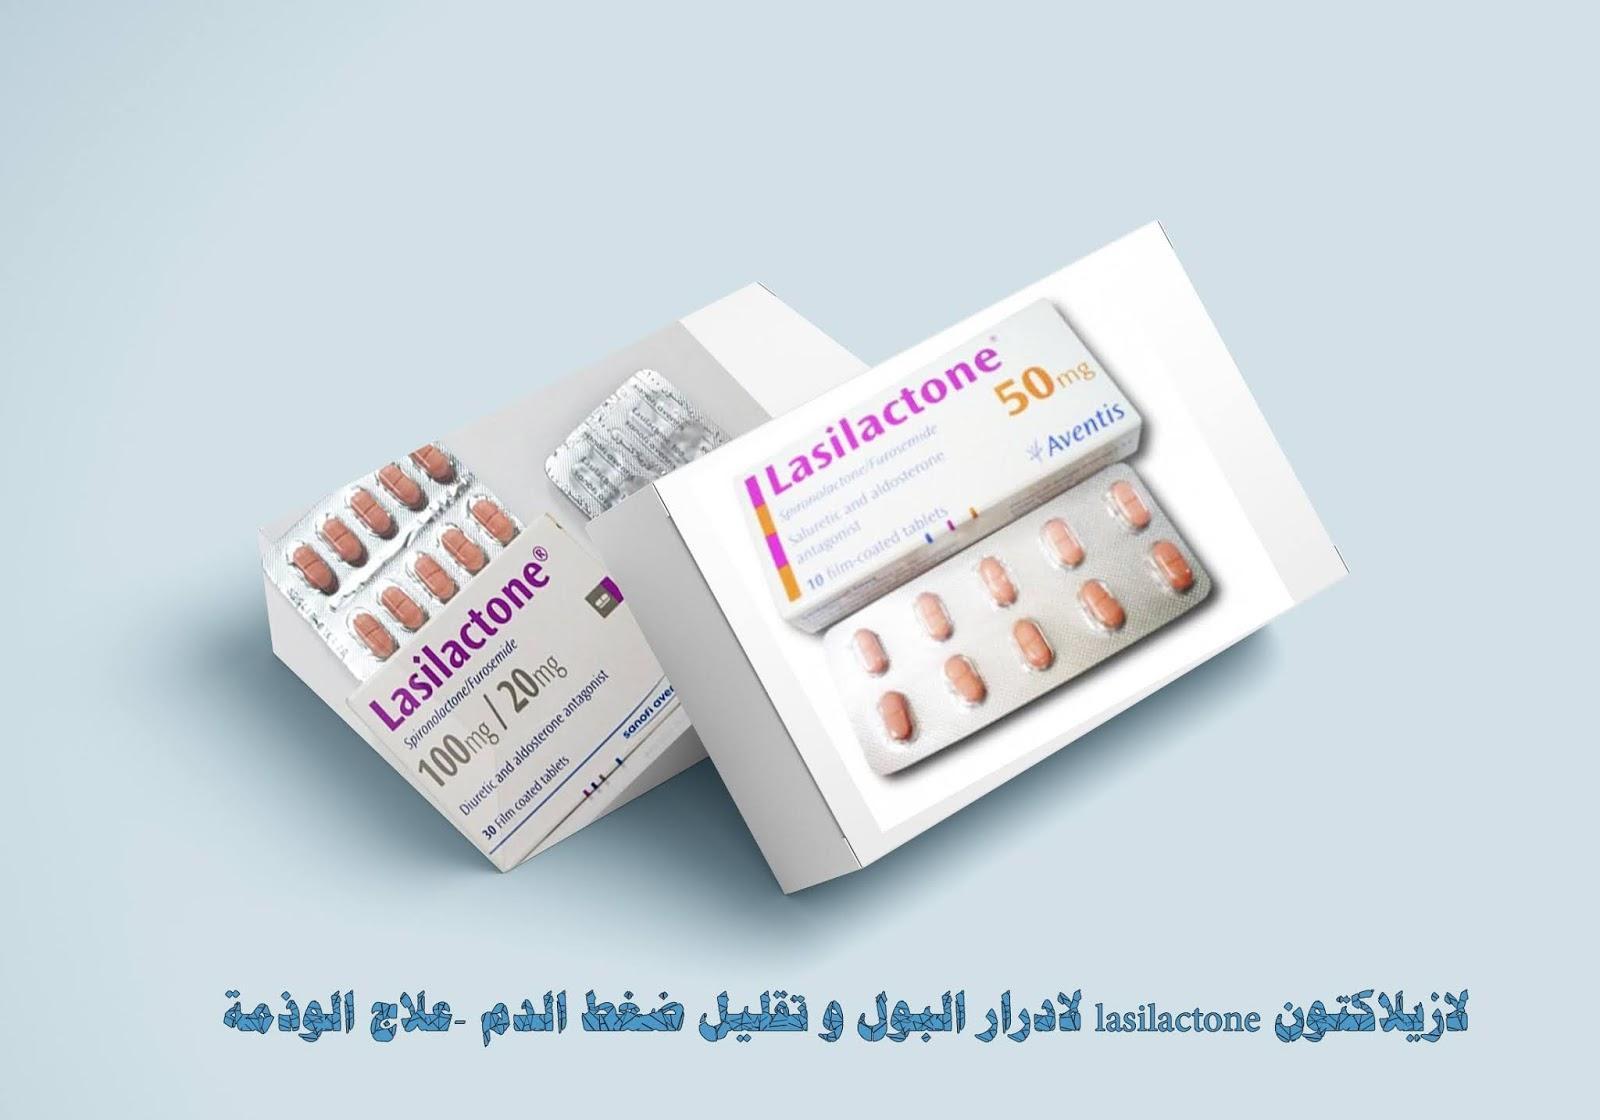 لازيلاكتون lasilactone لادرار البول و تقليل ضغط الدم -علاج الوذمة